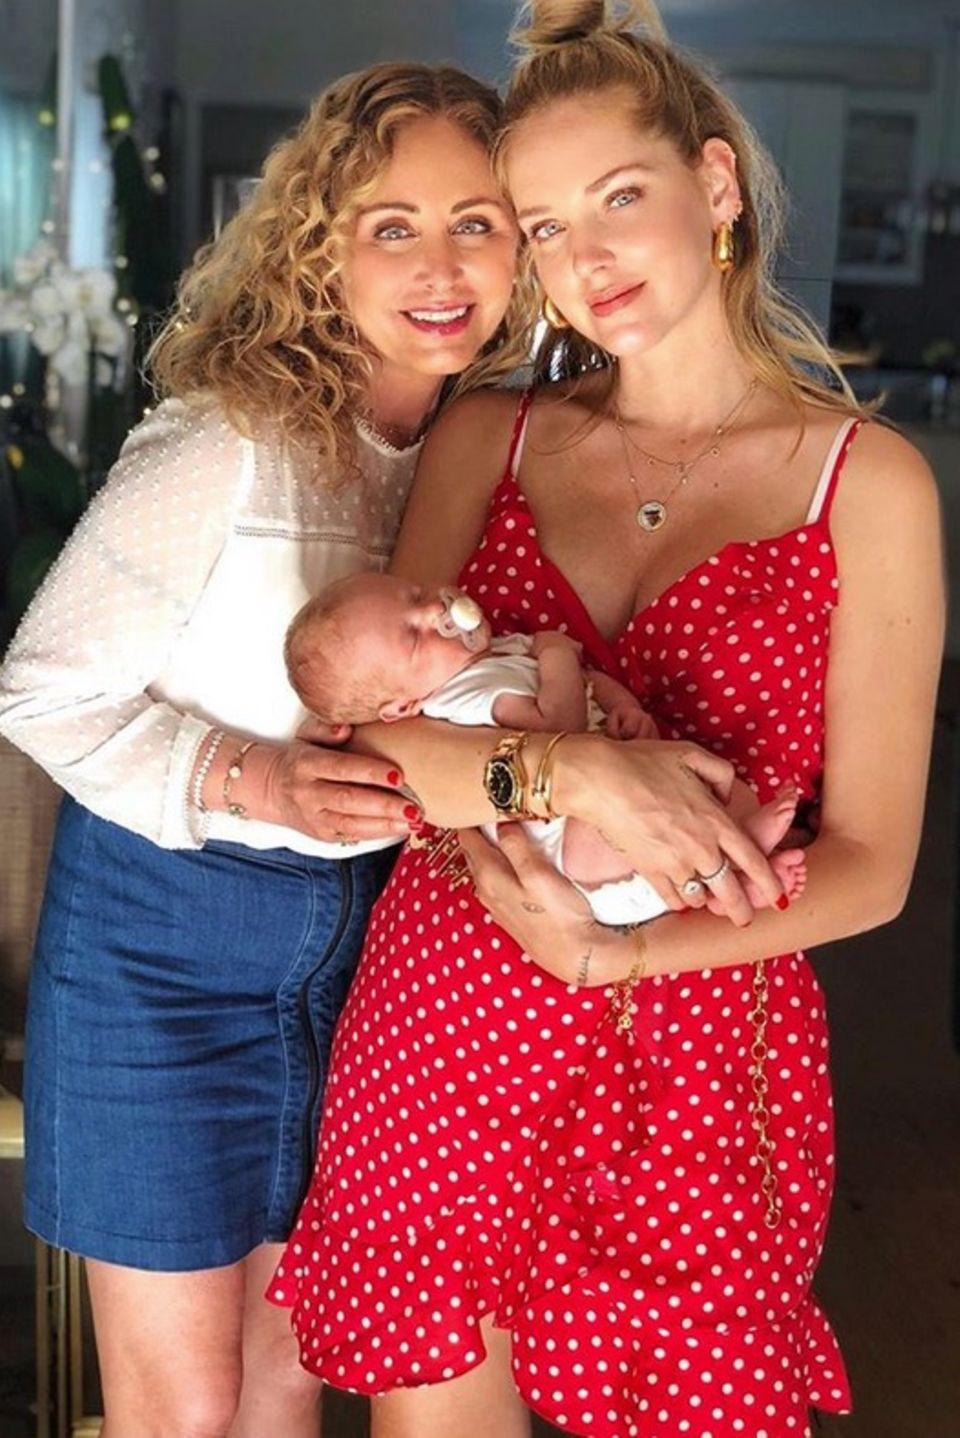 Stolz posieren Chiara Ferragni und ihre Mutter Marina Di Guardo mit Söhnchen Leone für ihre Instagram-Fans.